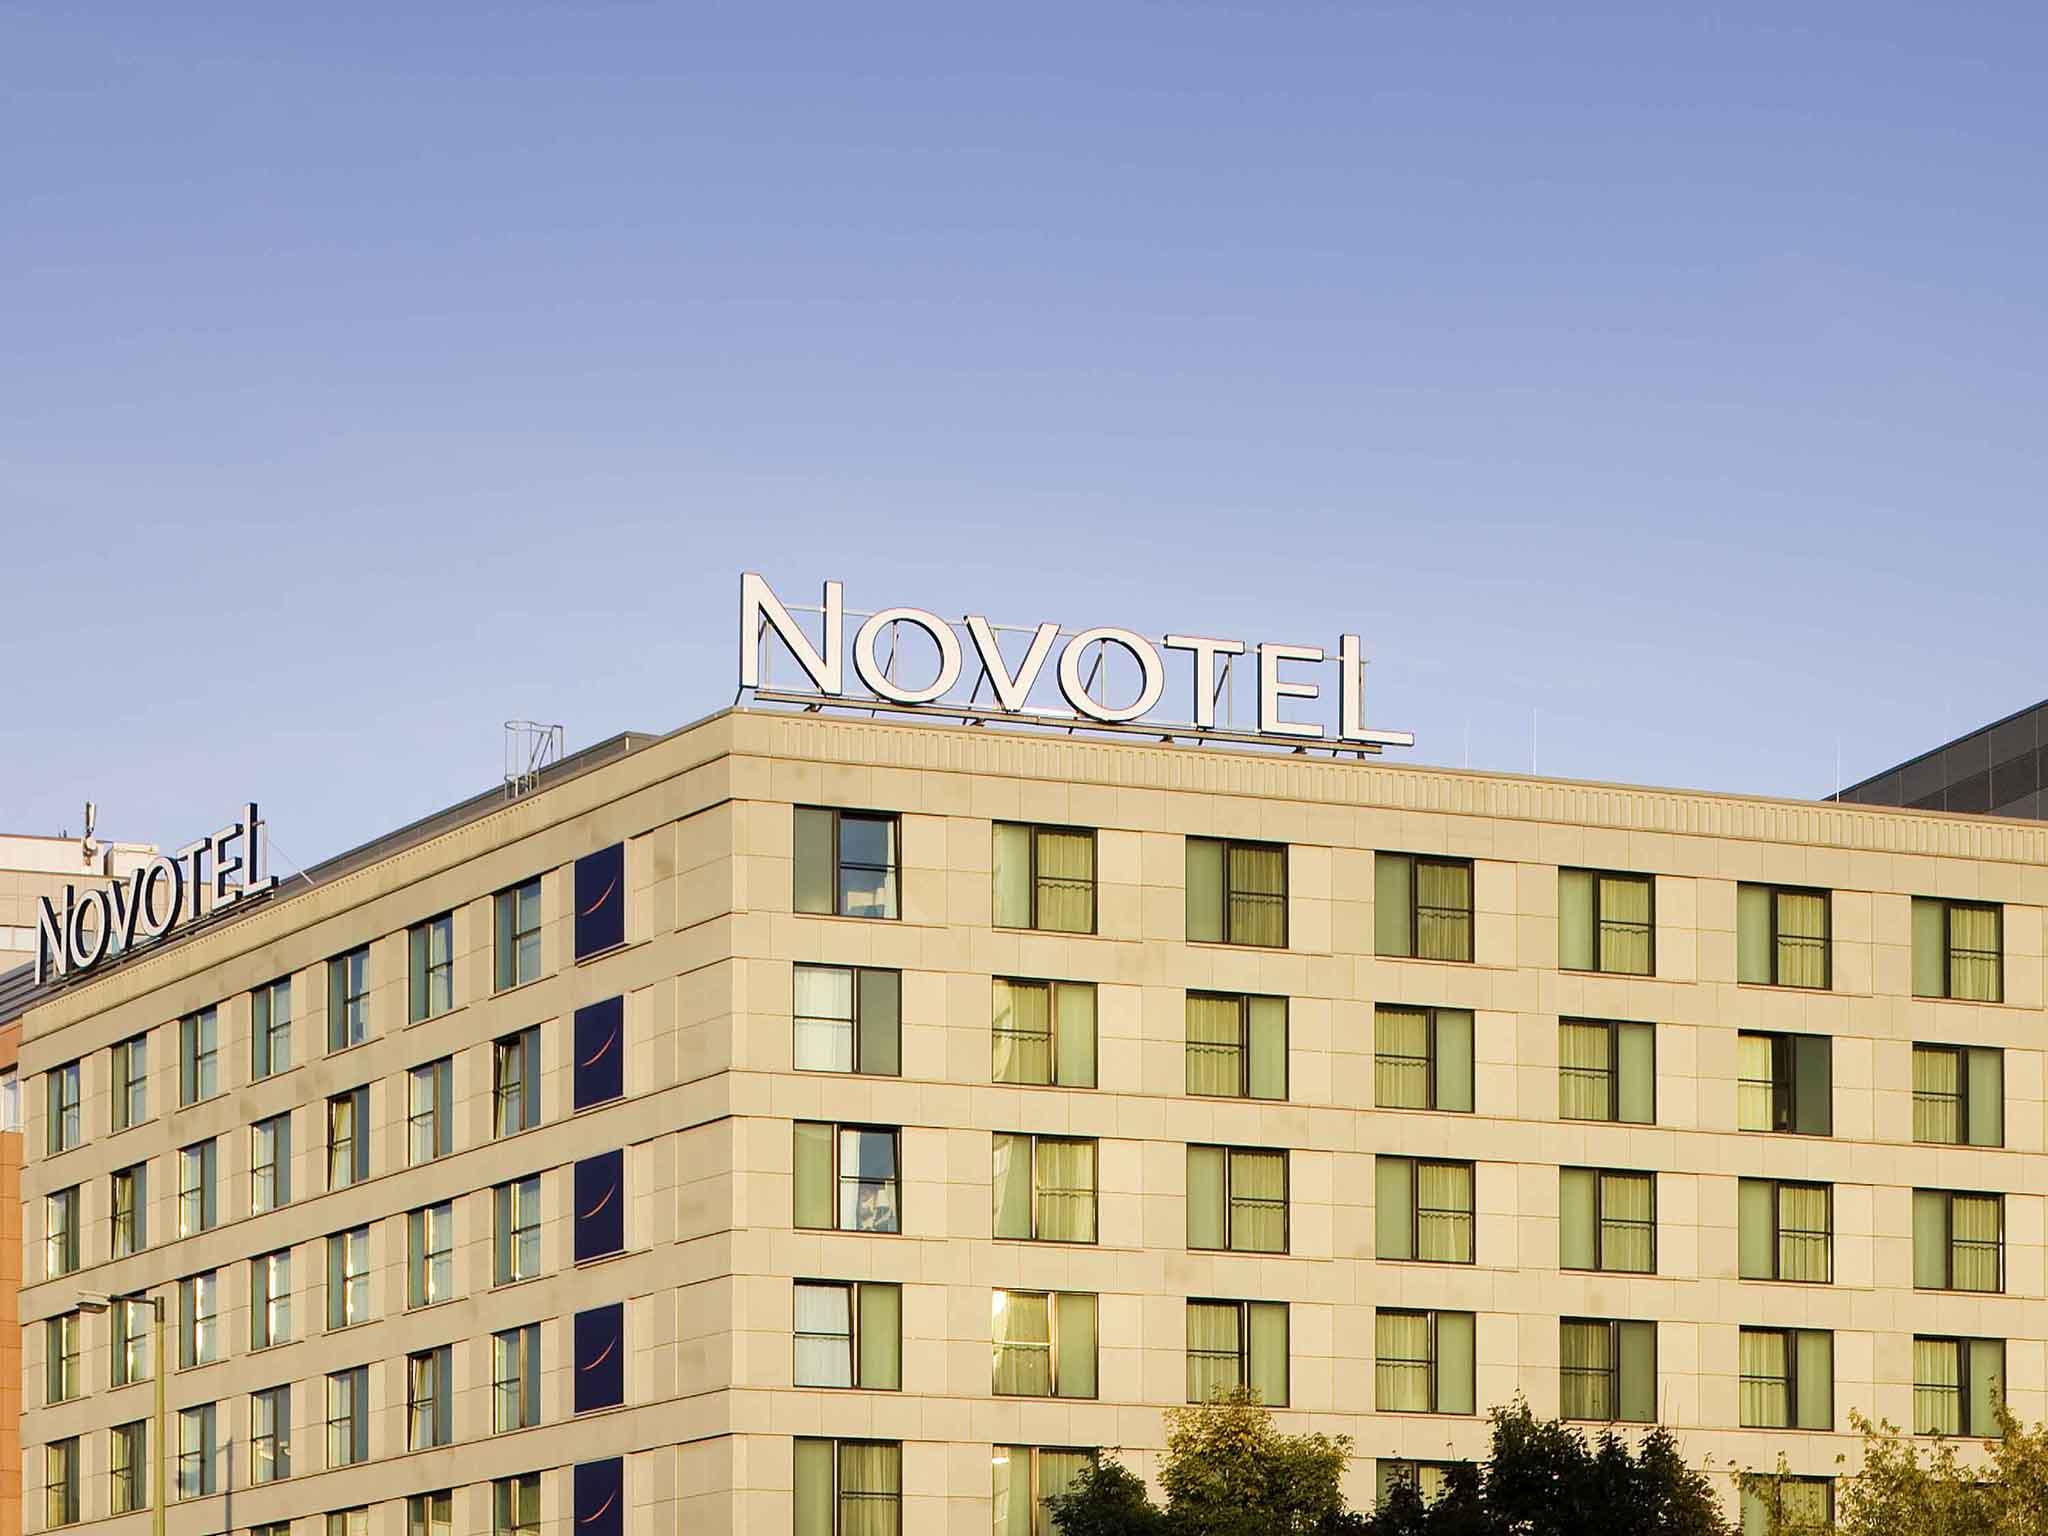 فندق - نوفوتيل Novotel برلين ميتي